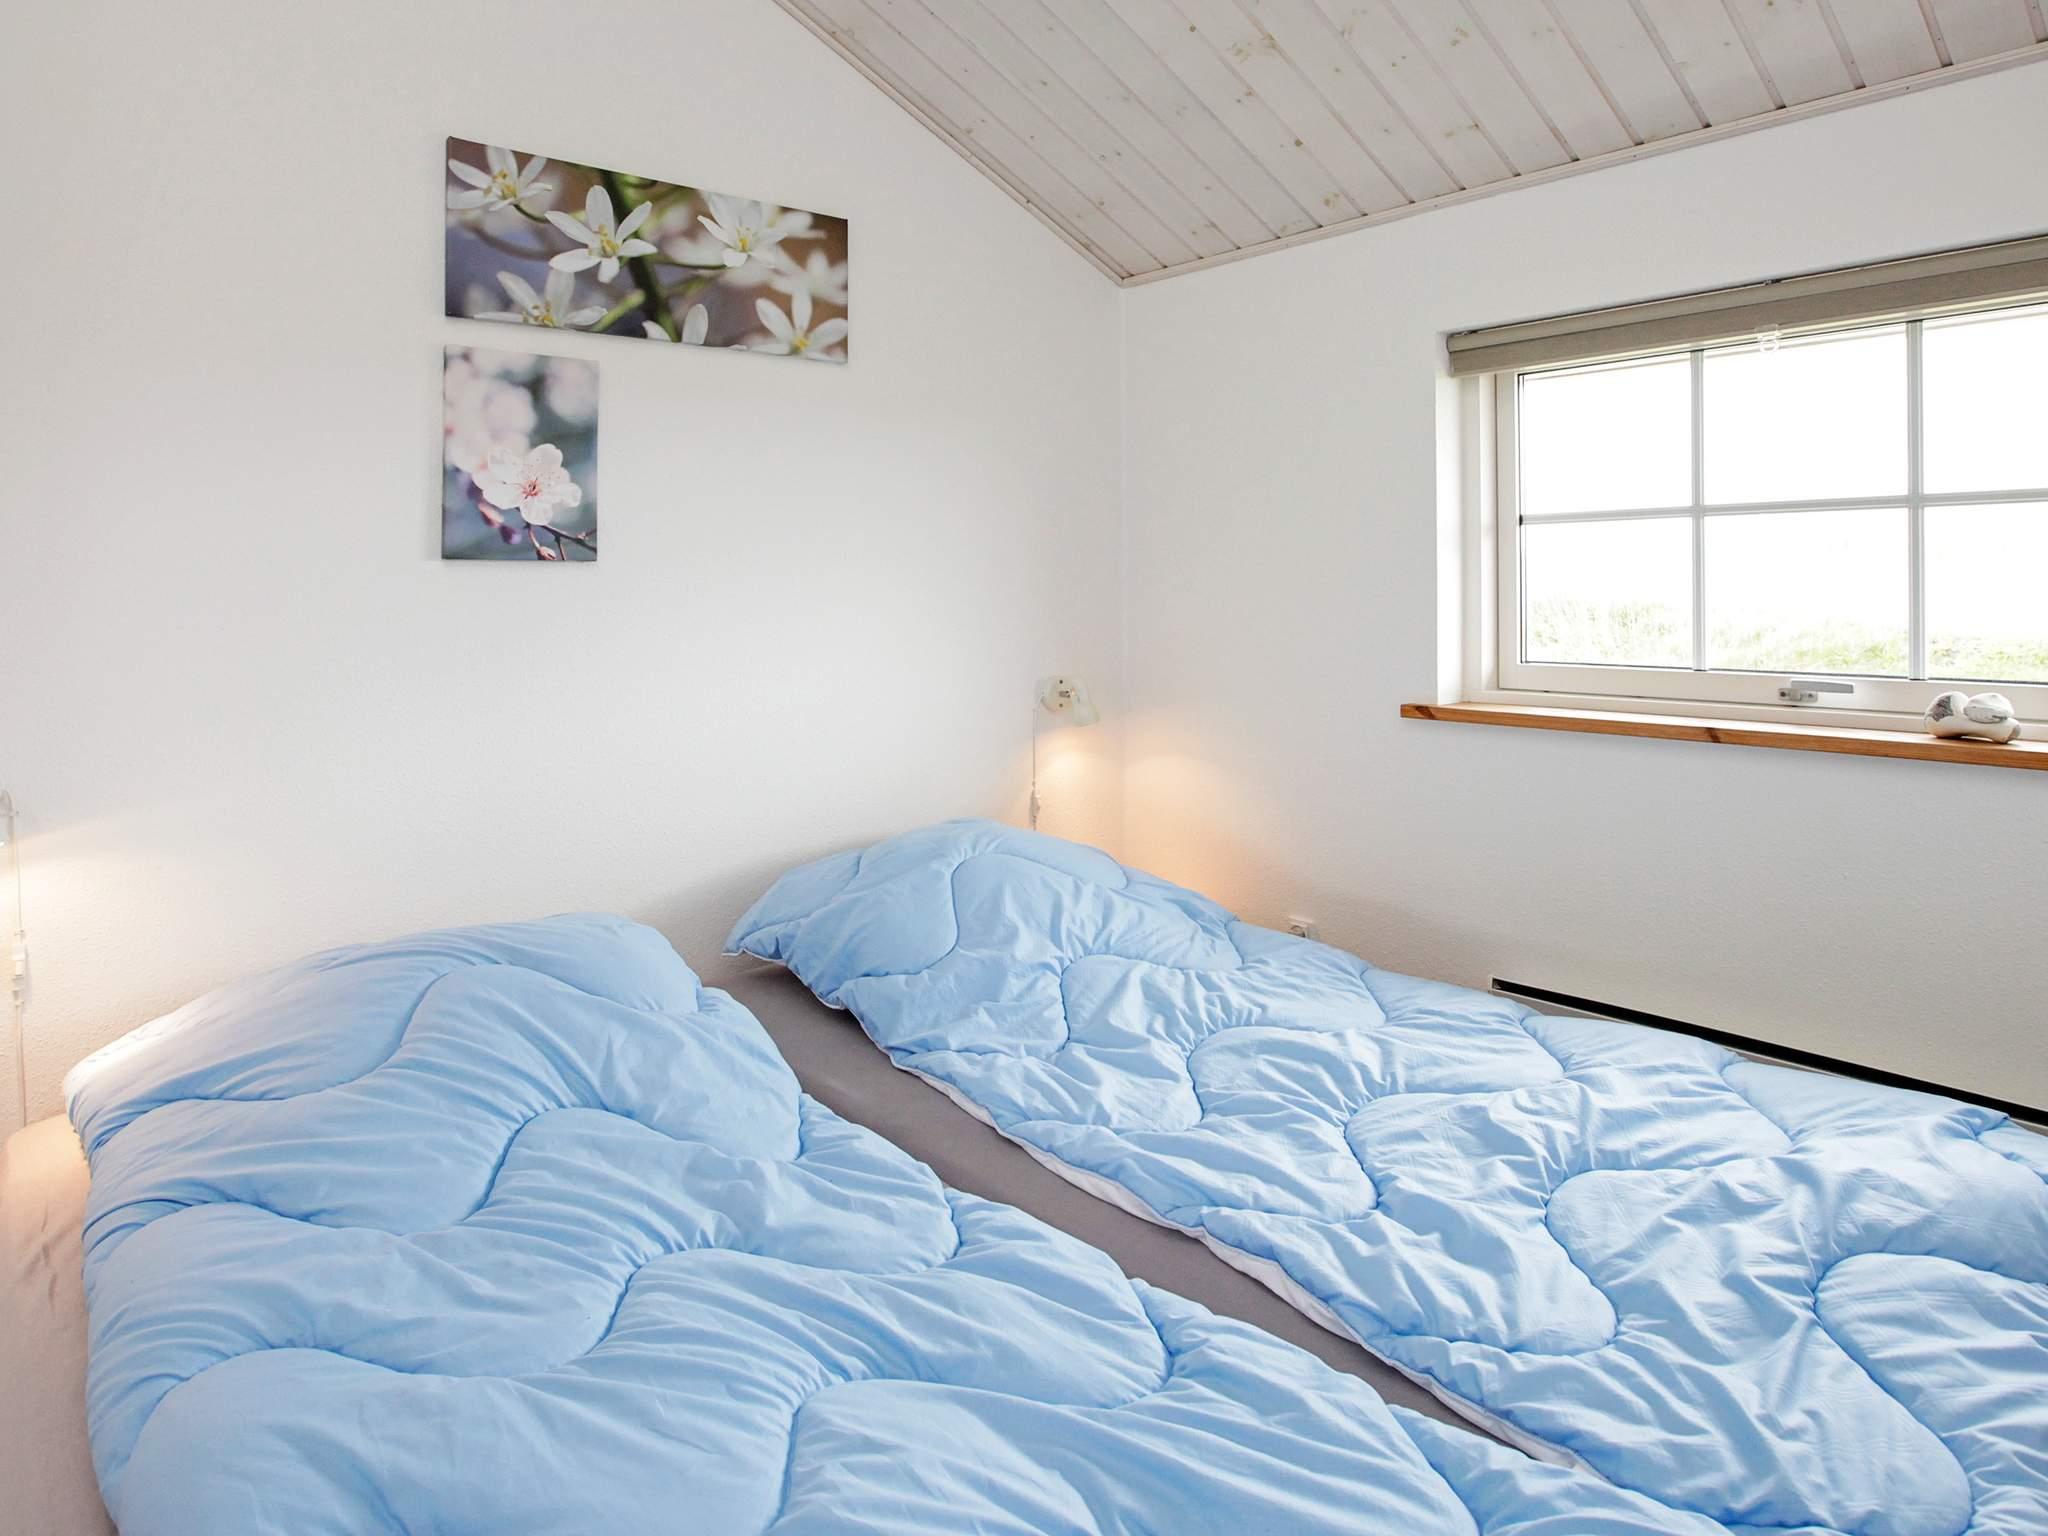 Ferienhaus Løkken (84081), Løkken, , Nordwestjütland, Dänemark, Bild 11